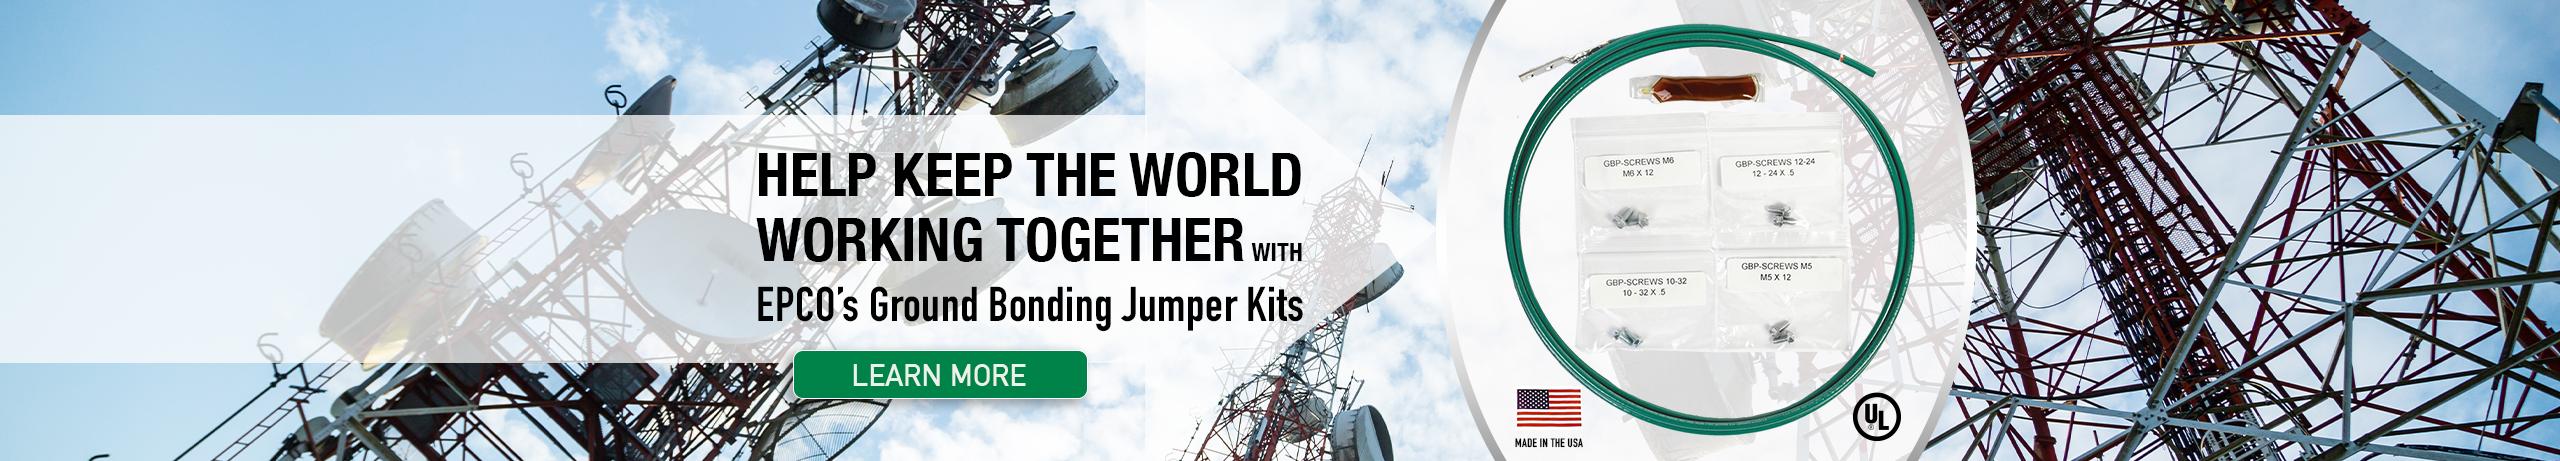 Ground Bonding Jumper Kits